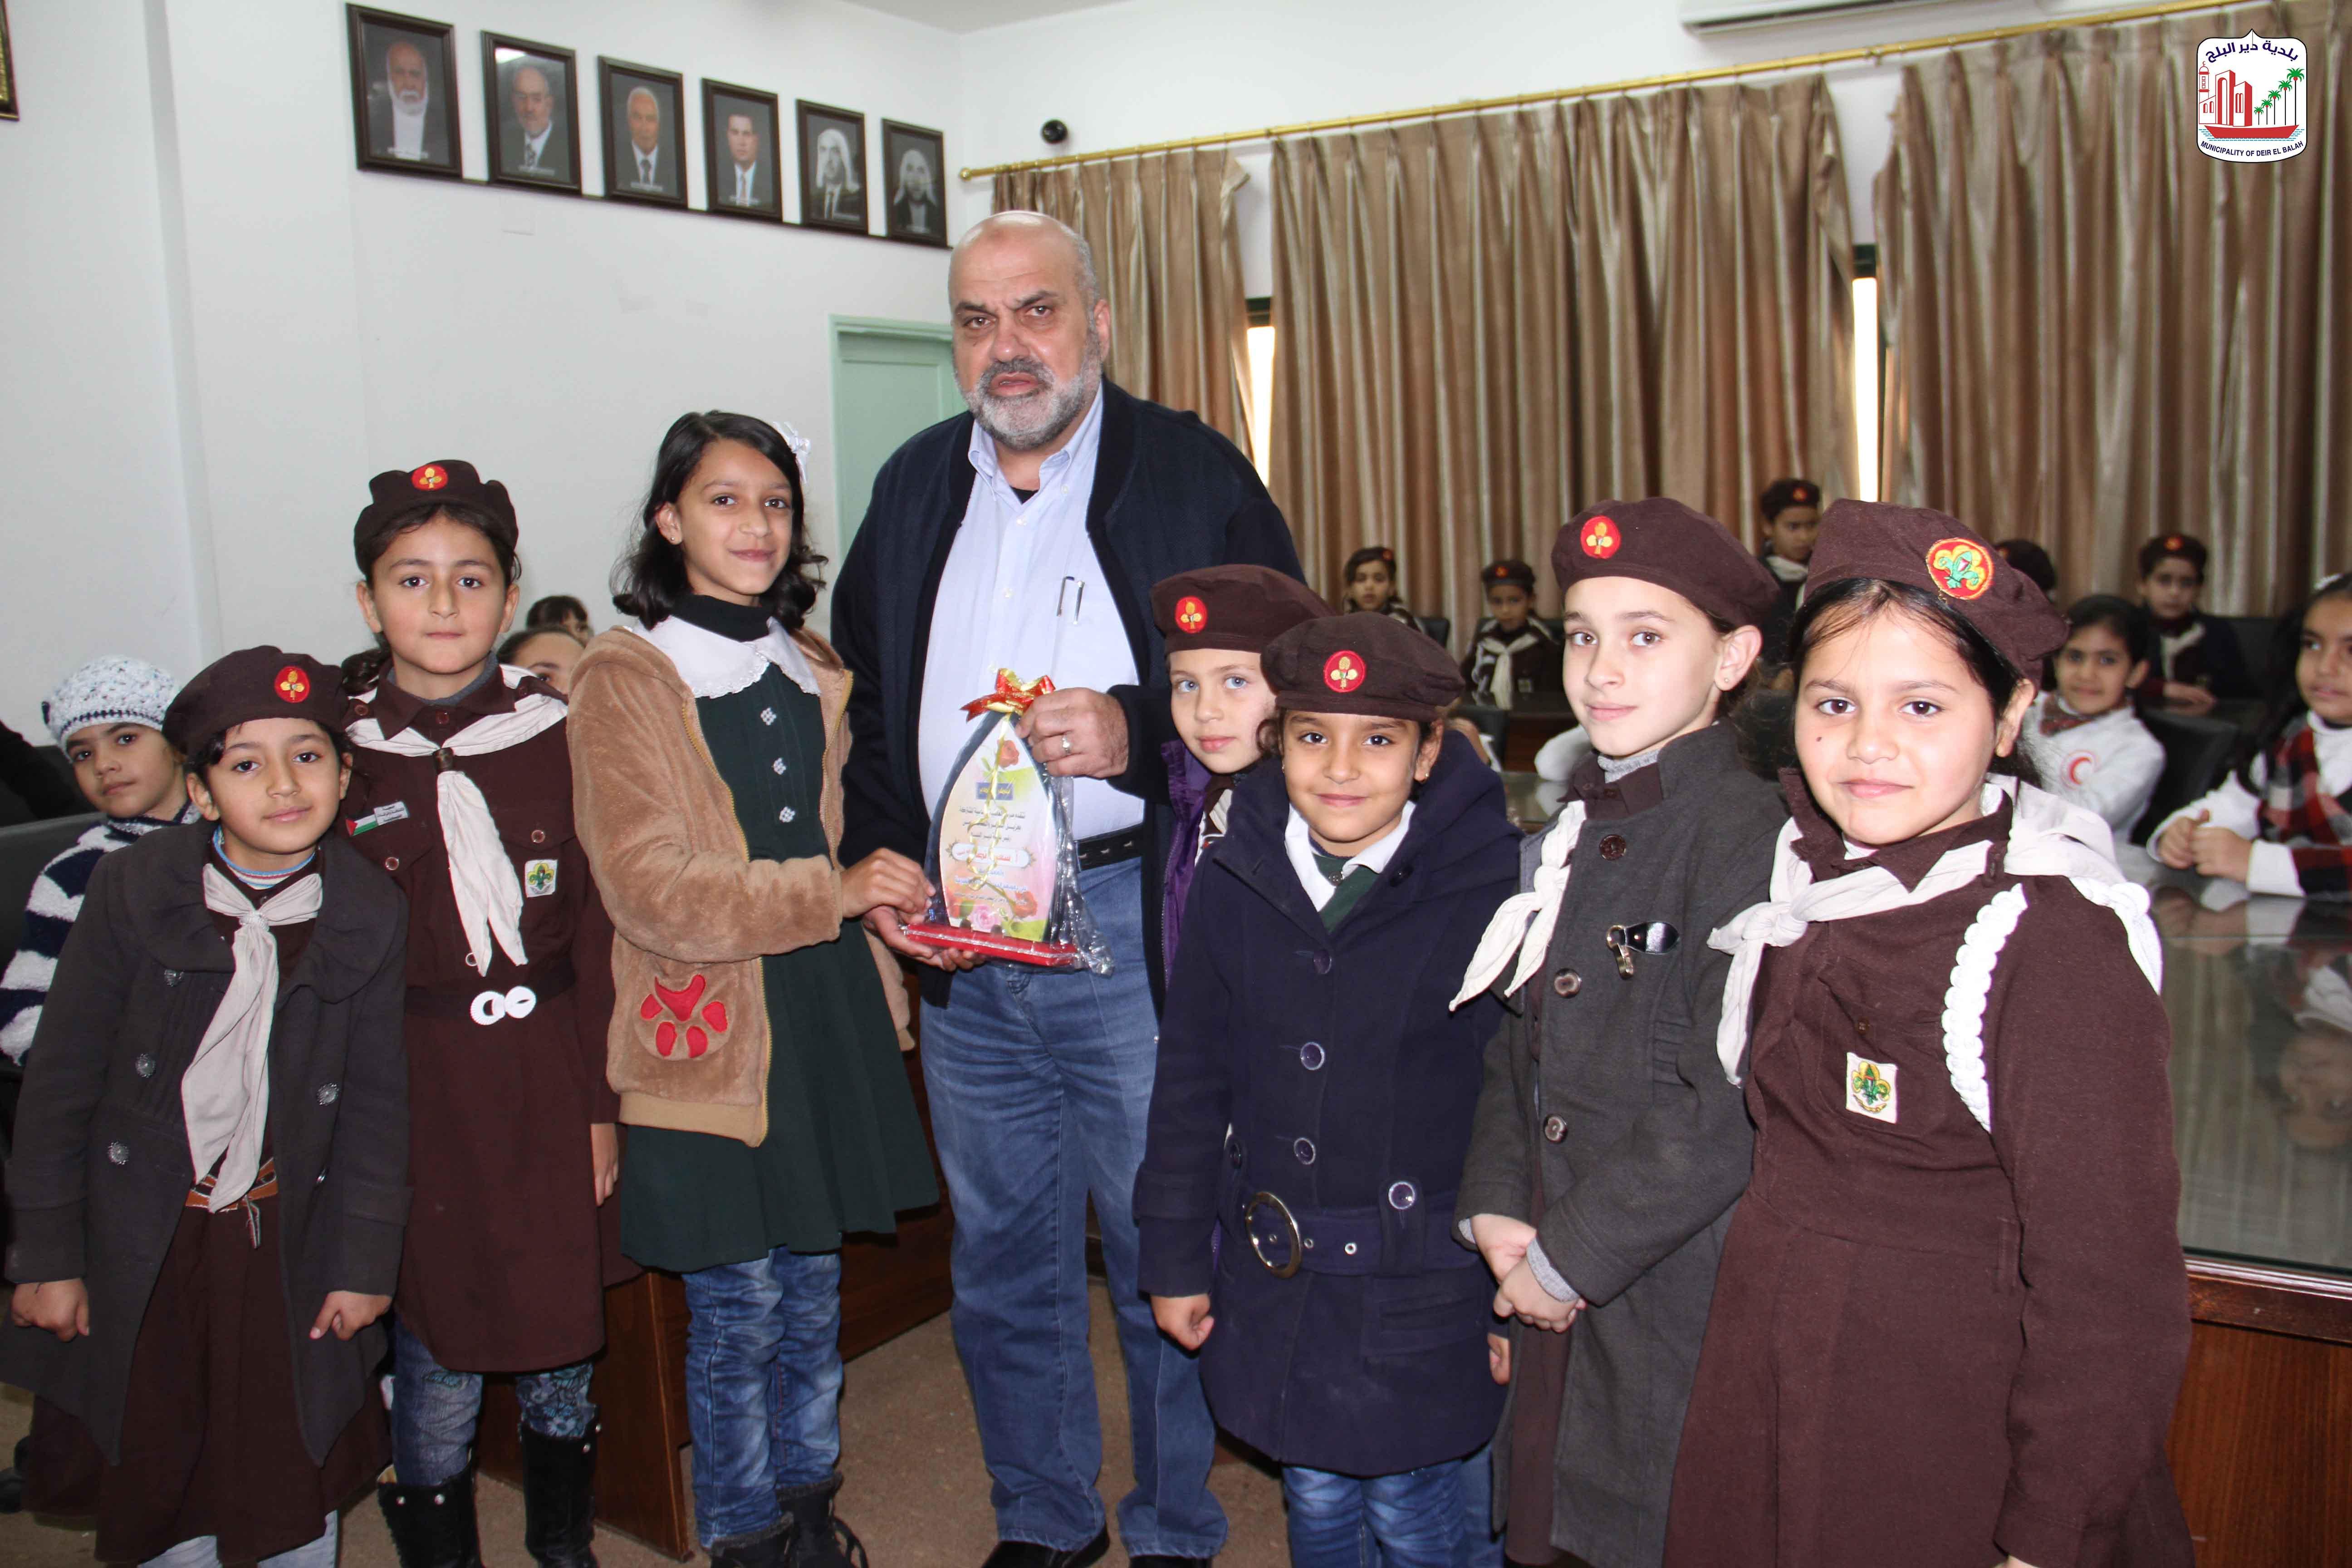 طالبات مدرسة العائشية خلال زيارتهم للبلدية والتعرف على الخدمات المقدمة